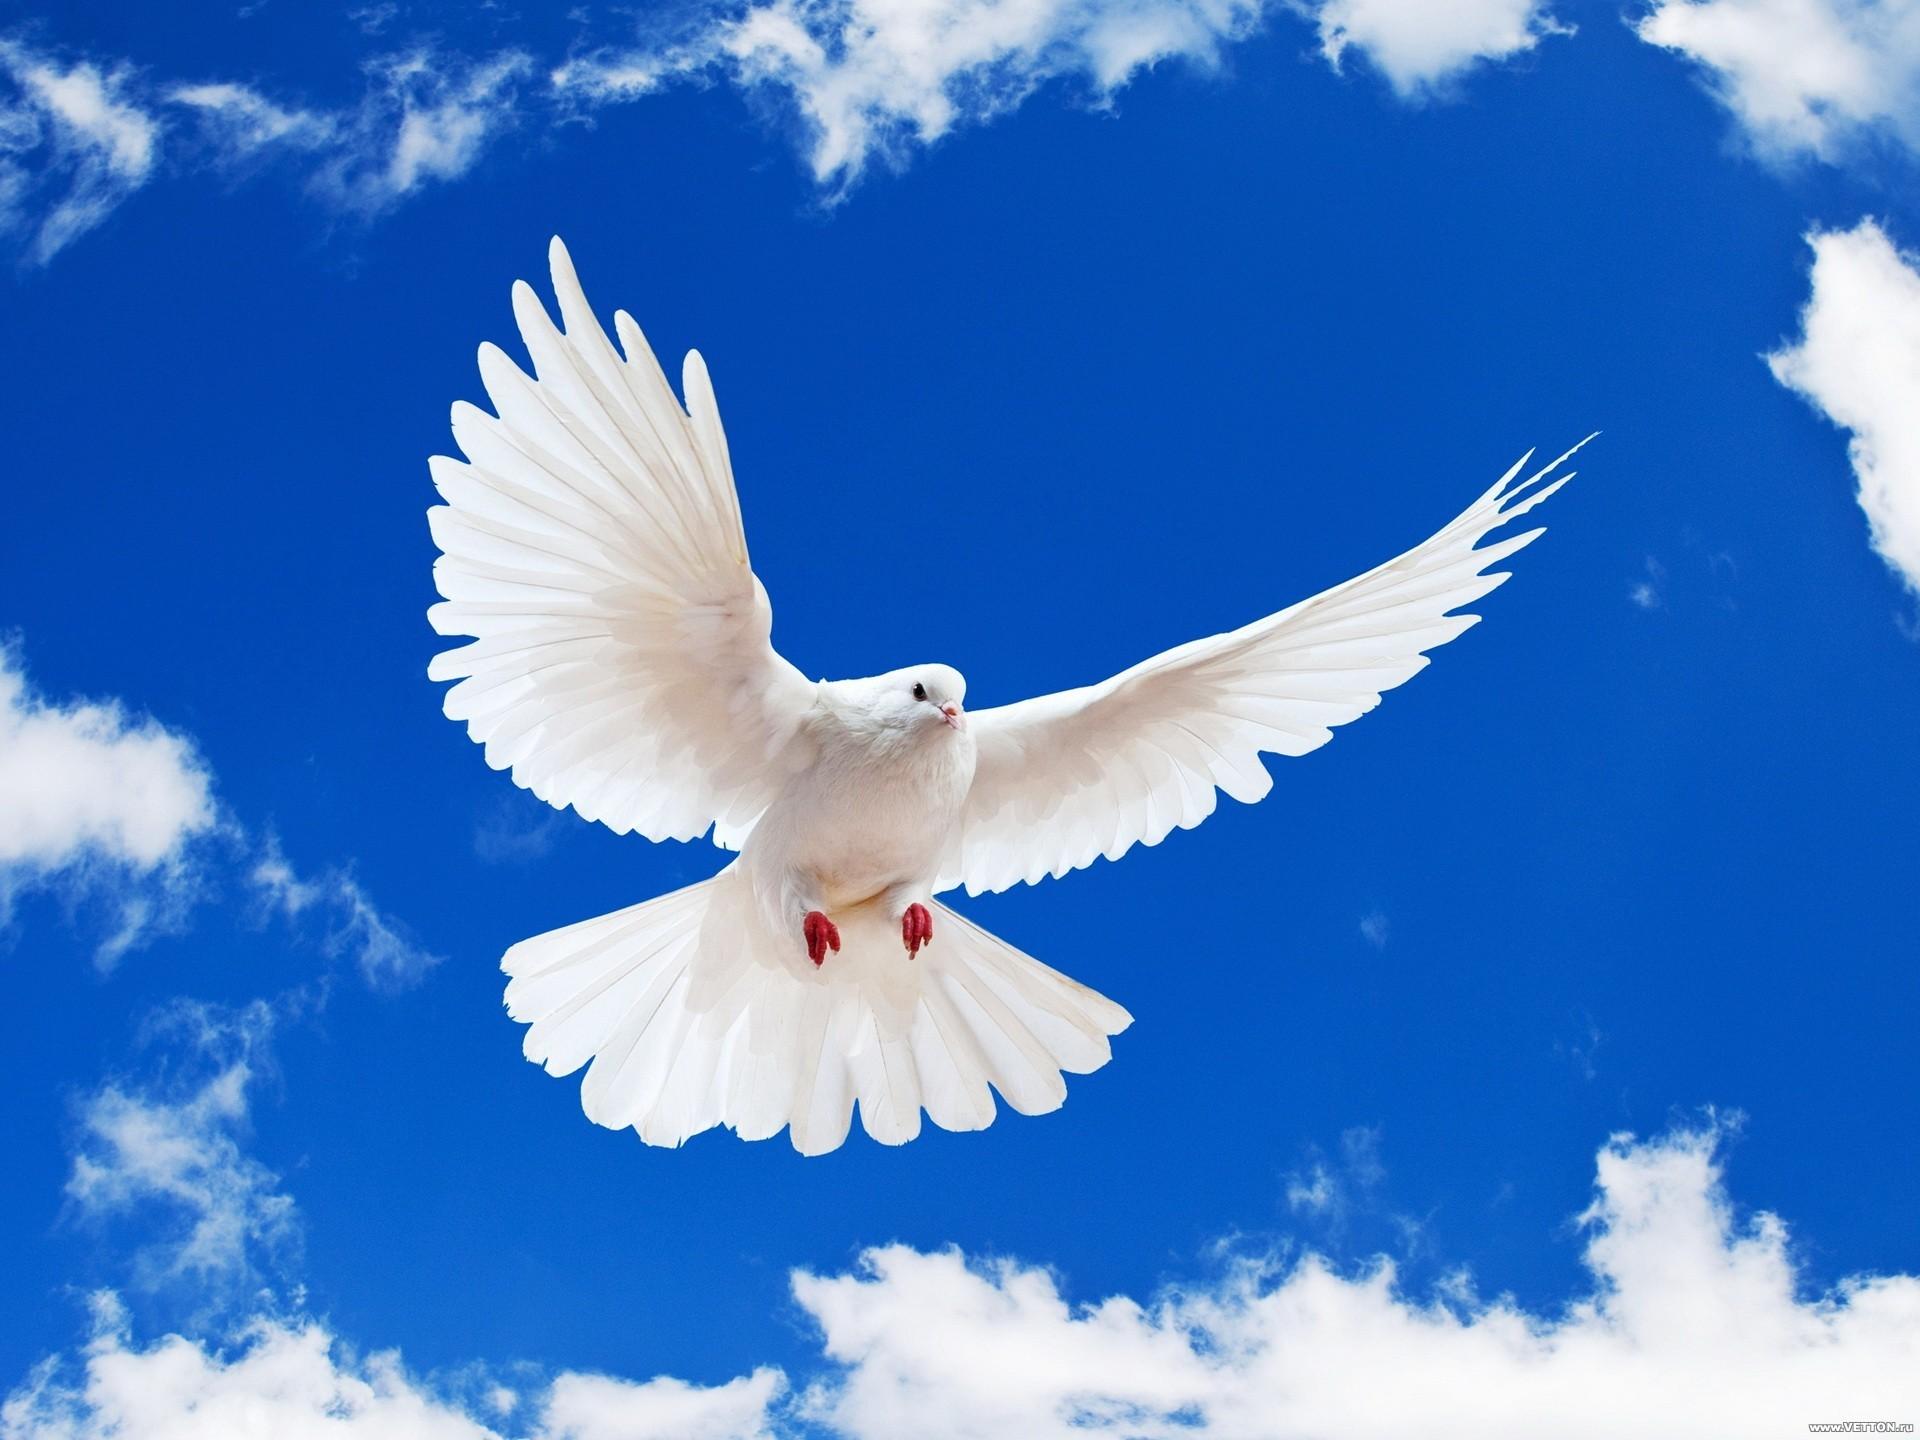 19307 скачать обои Птицы, Голуби, Животные, Небо - заставки и картинки бесплатно